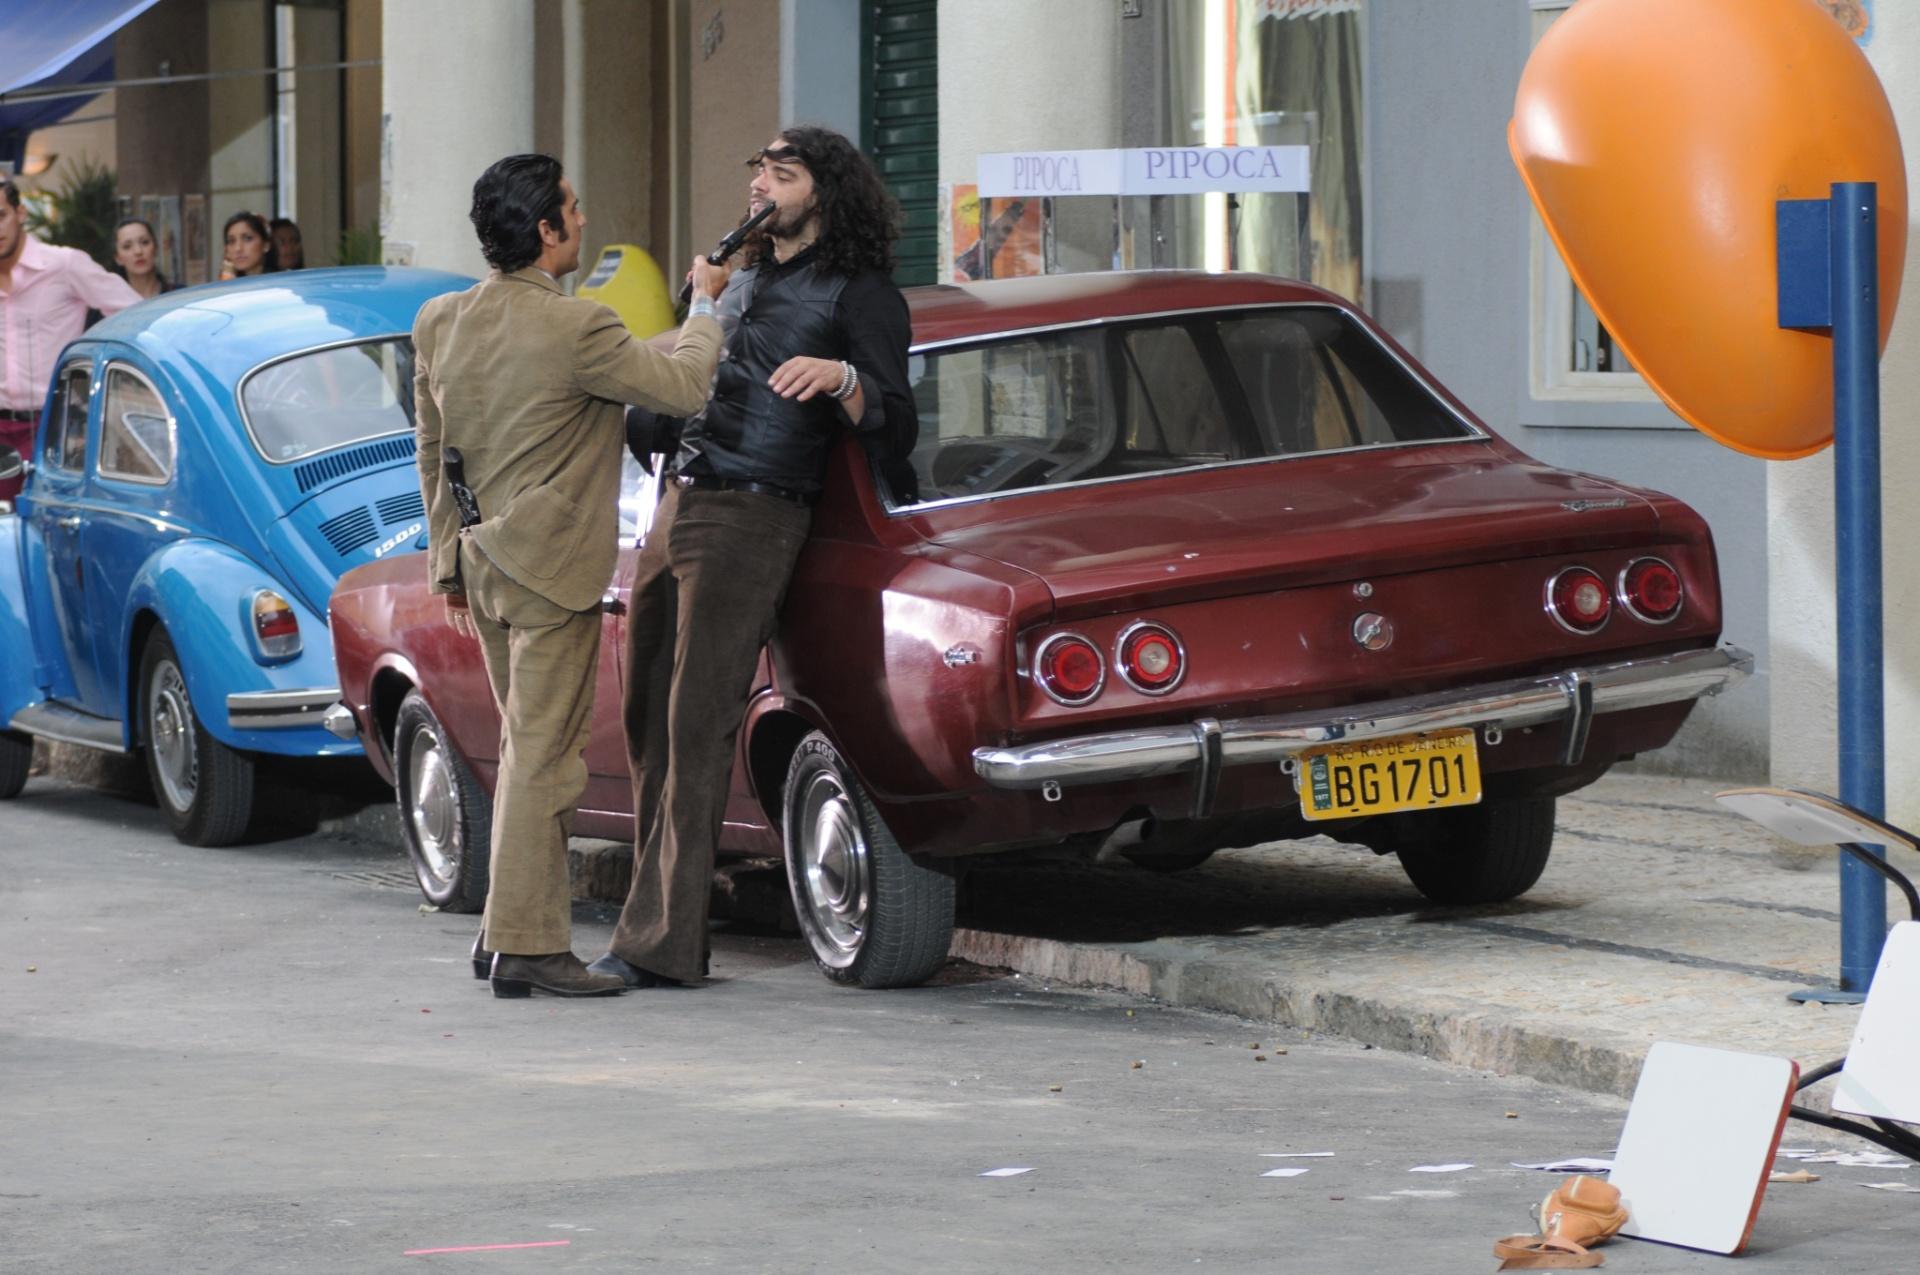 Em cena que Veludo (Guilherme Winter) atira em Otávio (Felipe Cardoso),  aparecem Opala 78-80 (preto) e 75-79 (caramelo e vinho), além de  Fusca 1500 (meados dos anos 70)